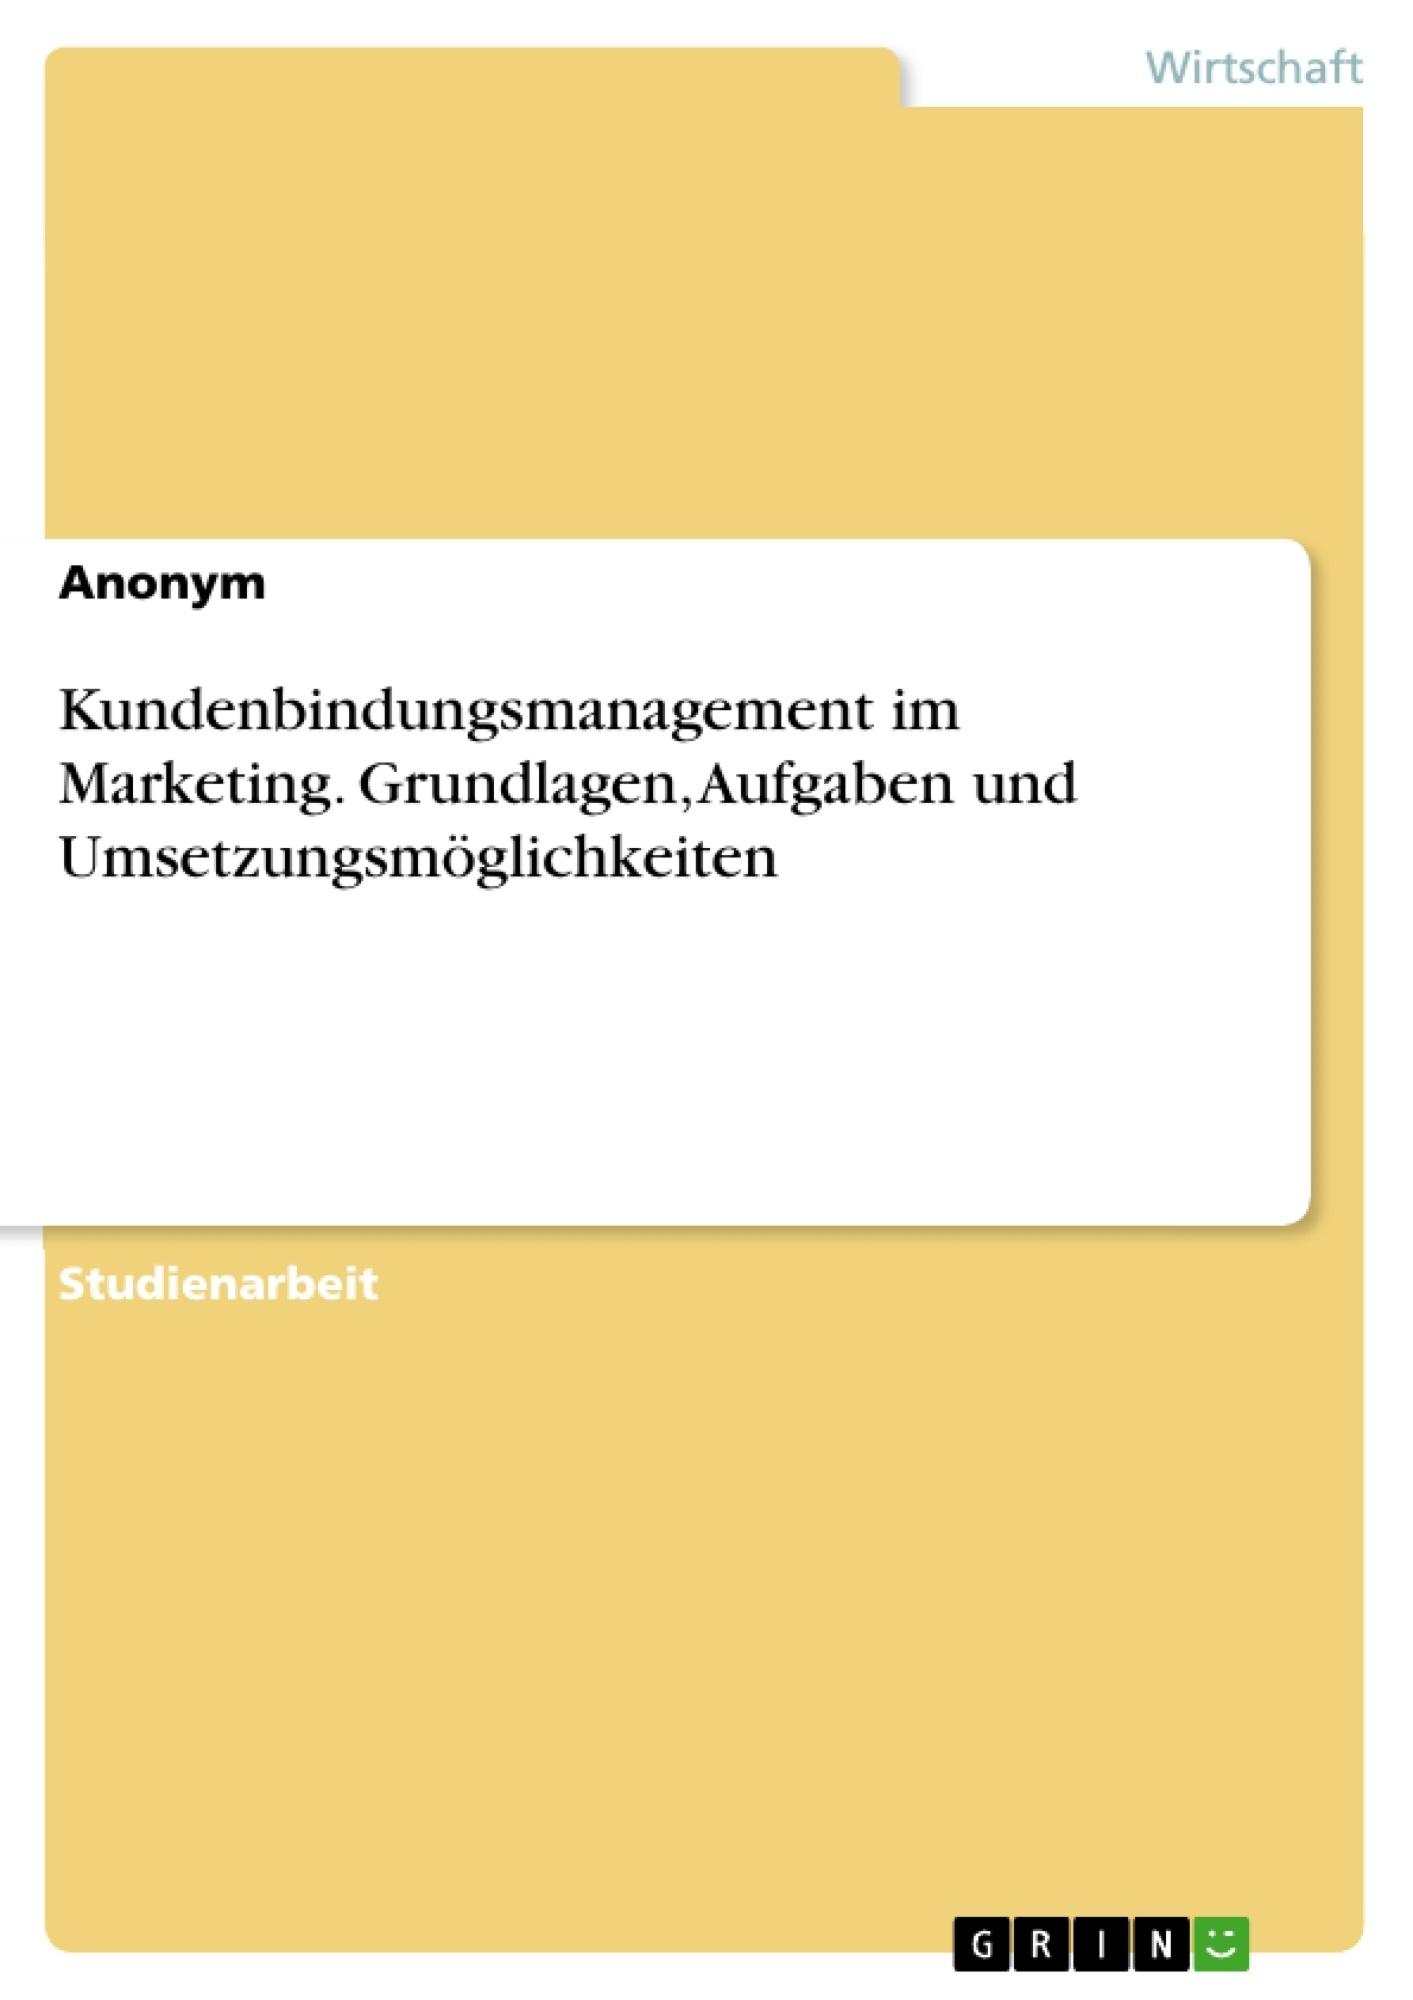 Titel: Kundenbindungsmanagement im Marketing. Grundlagen, Aufgaben und Umsetzungsmöglichkeiten